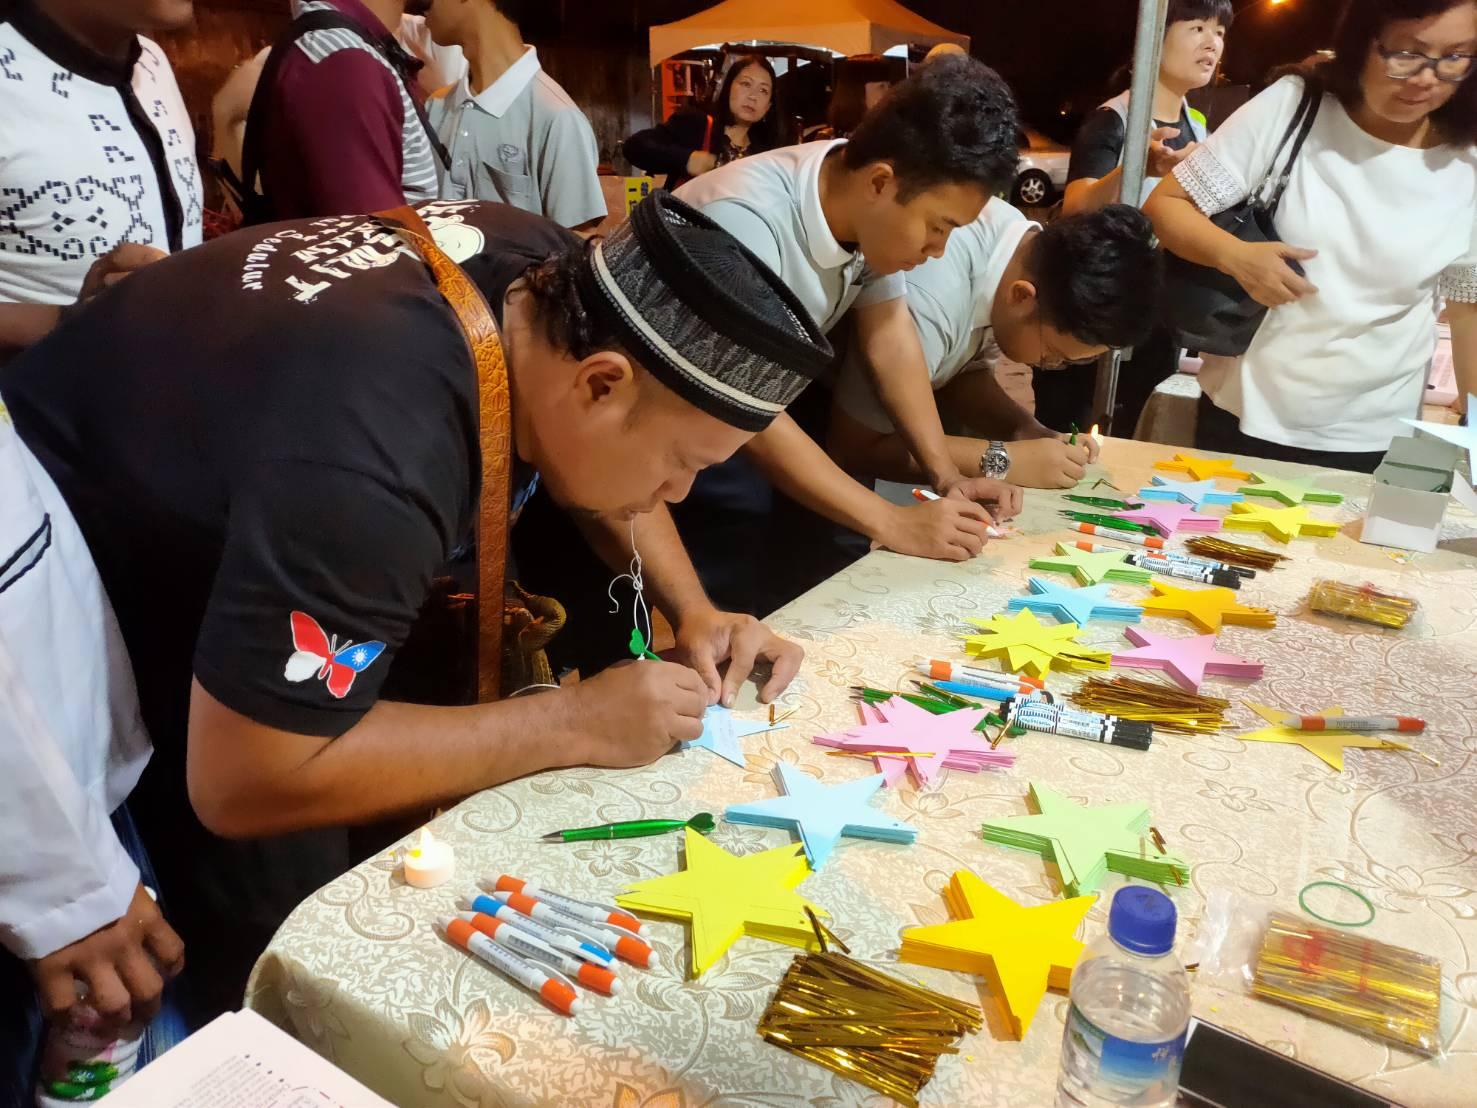 慈科大印尼籍學生和印尼籍漁工以穆斯林的方式,共同為3位罹難者祝禱。(攝影:洪妙卿)